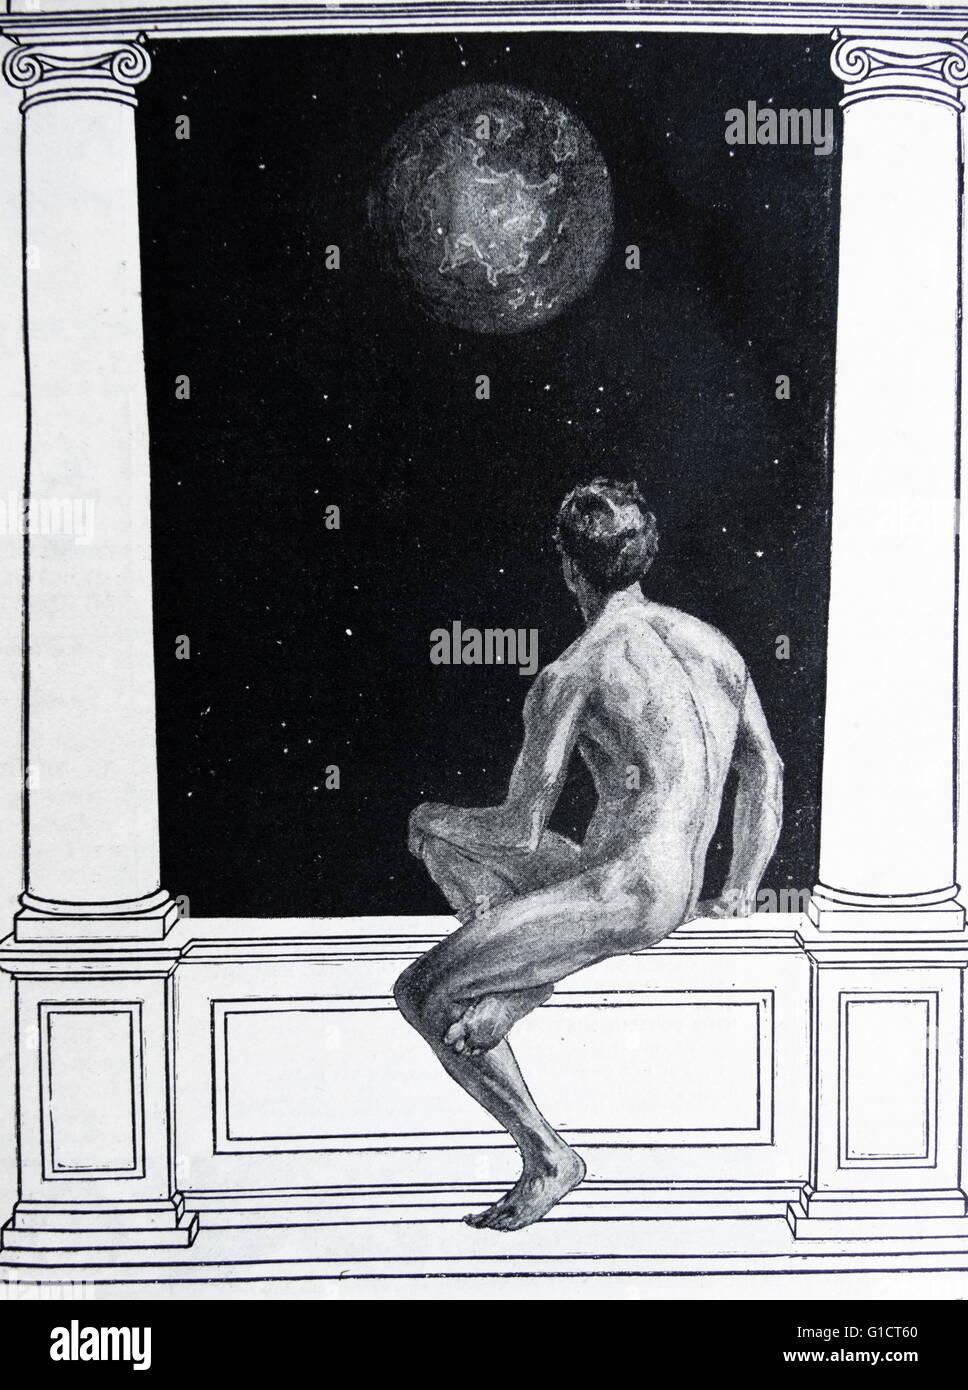 Illustrazione da Harmsworth storia del mondo: l'uomo e l'universo Immagini Stock